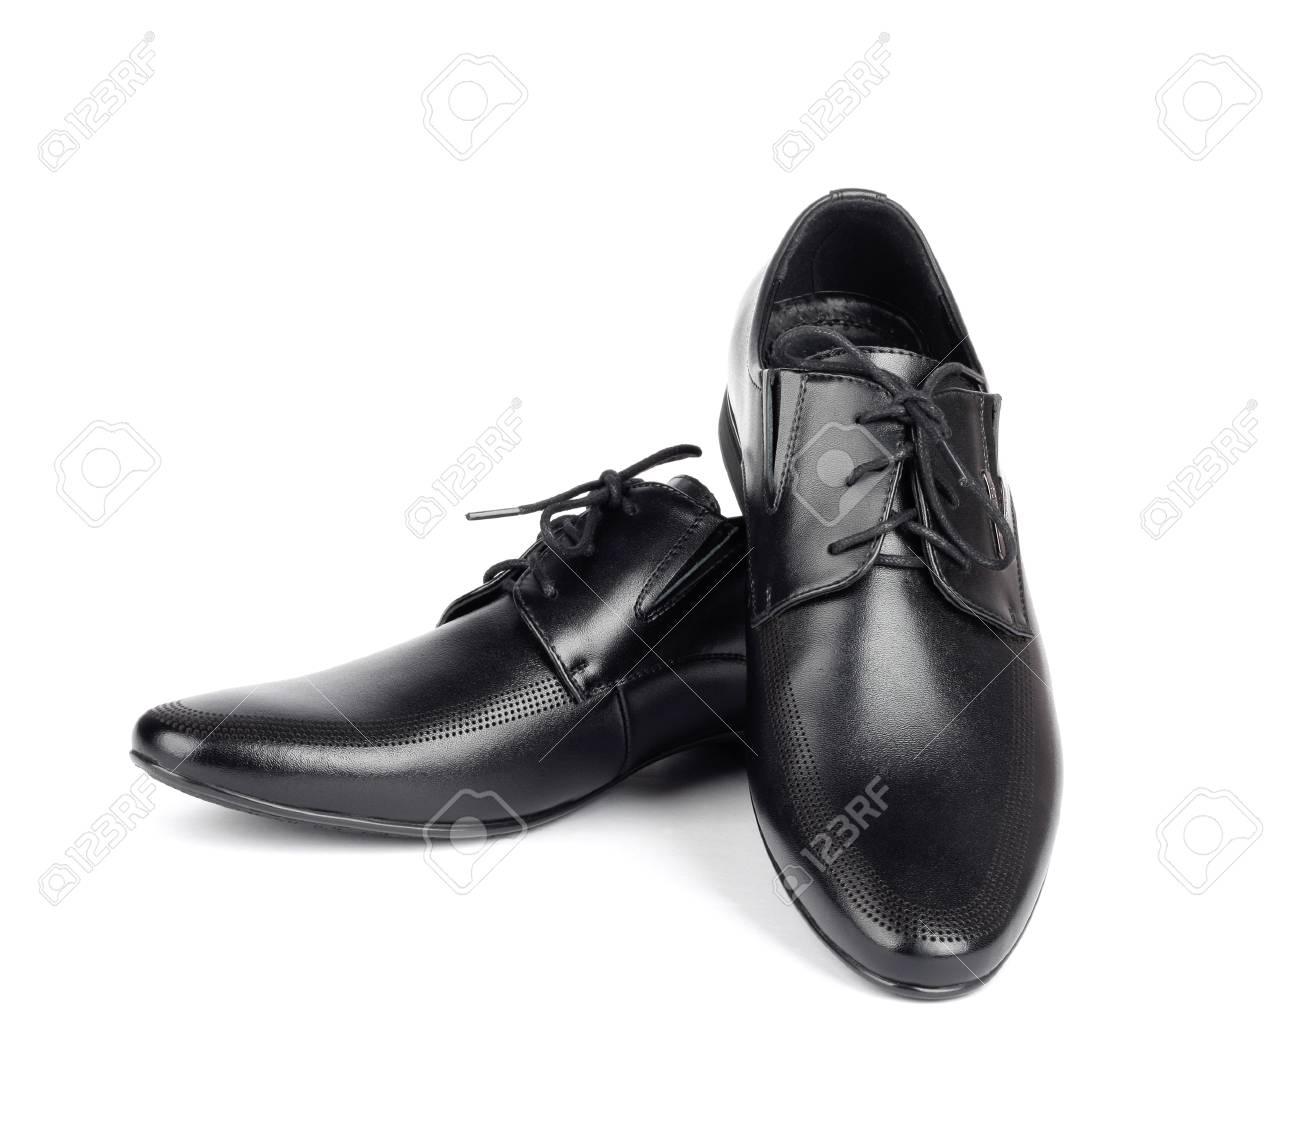 7f957bfd39 Foto de archivo - Los zapatos de los hombres elegantes negros sobre fondo  blanco aislado